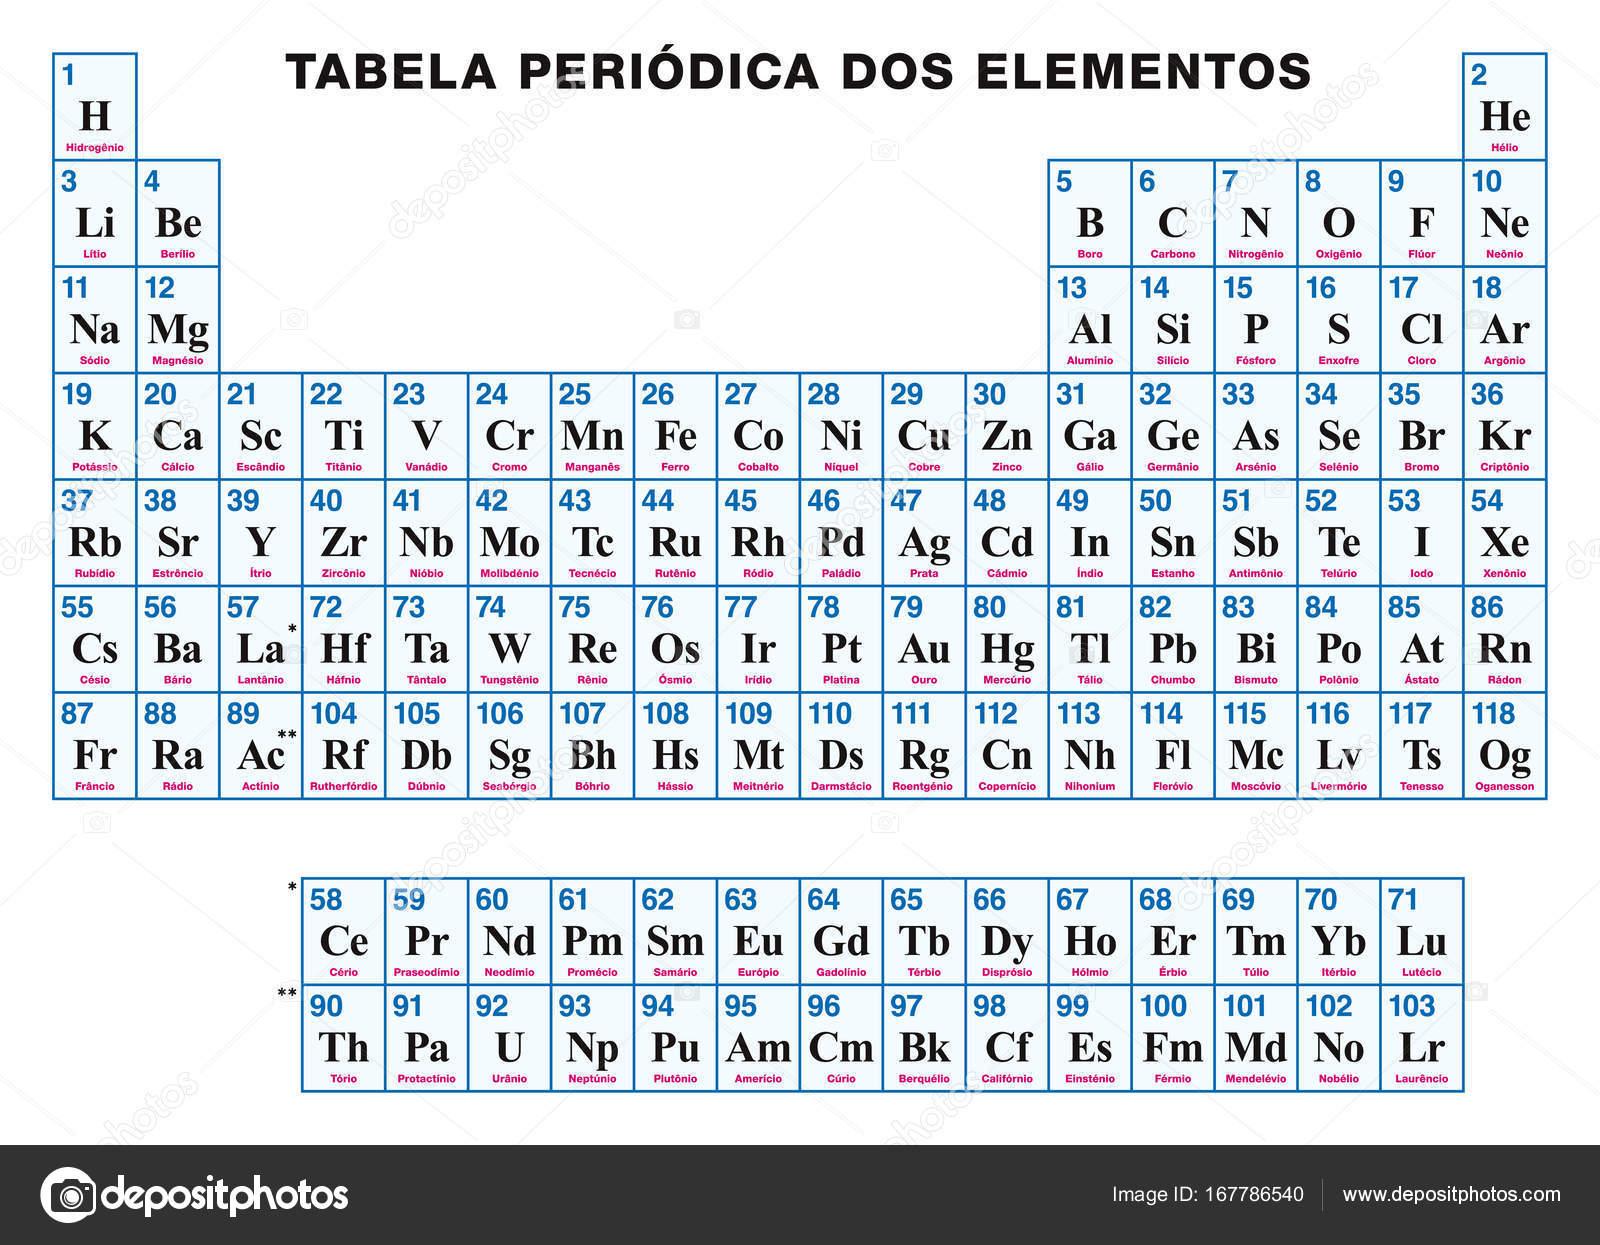 tabla peridica de los elementos portugus arreglo tabular de los elementos qumicos con nmeros atmicos nombres y smbolos 118 confirm elementos y - Tabla Periodica Actualizada 2017 Con Nombres